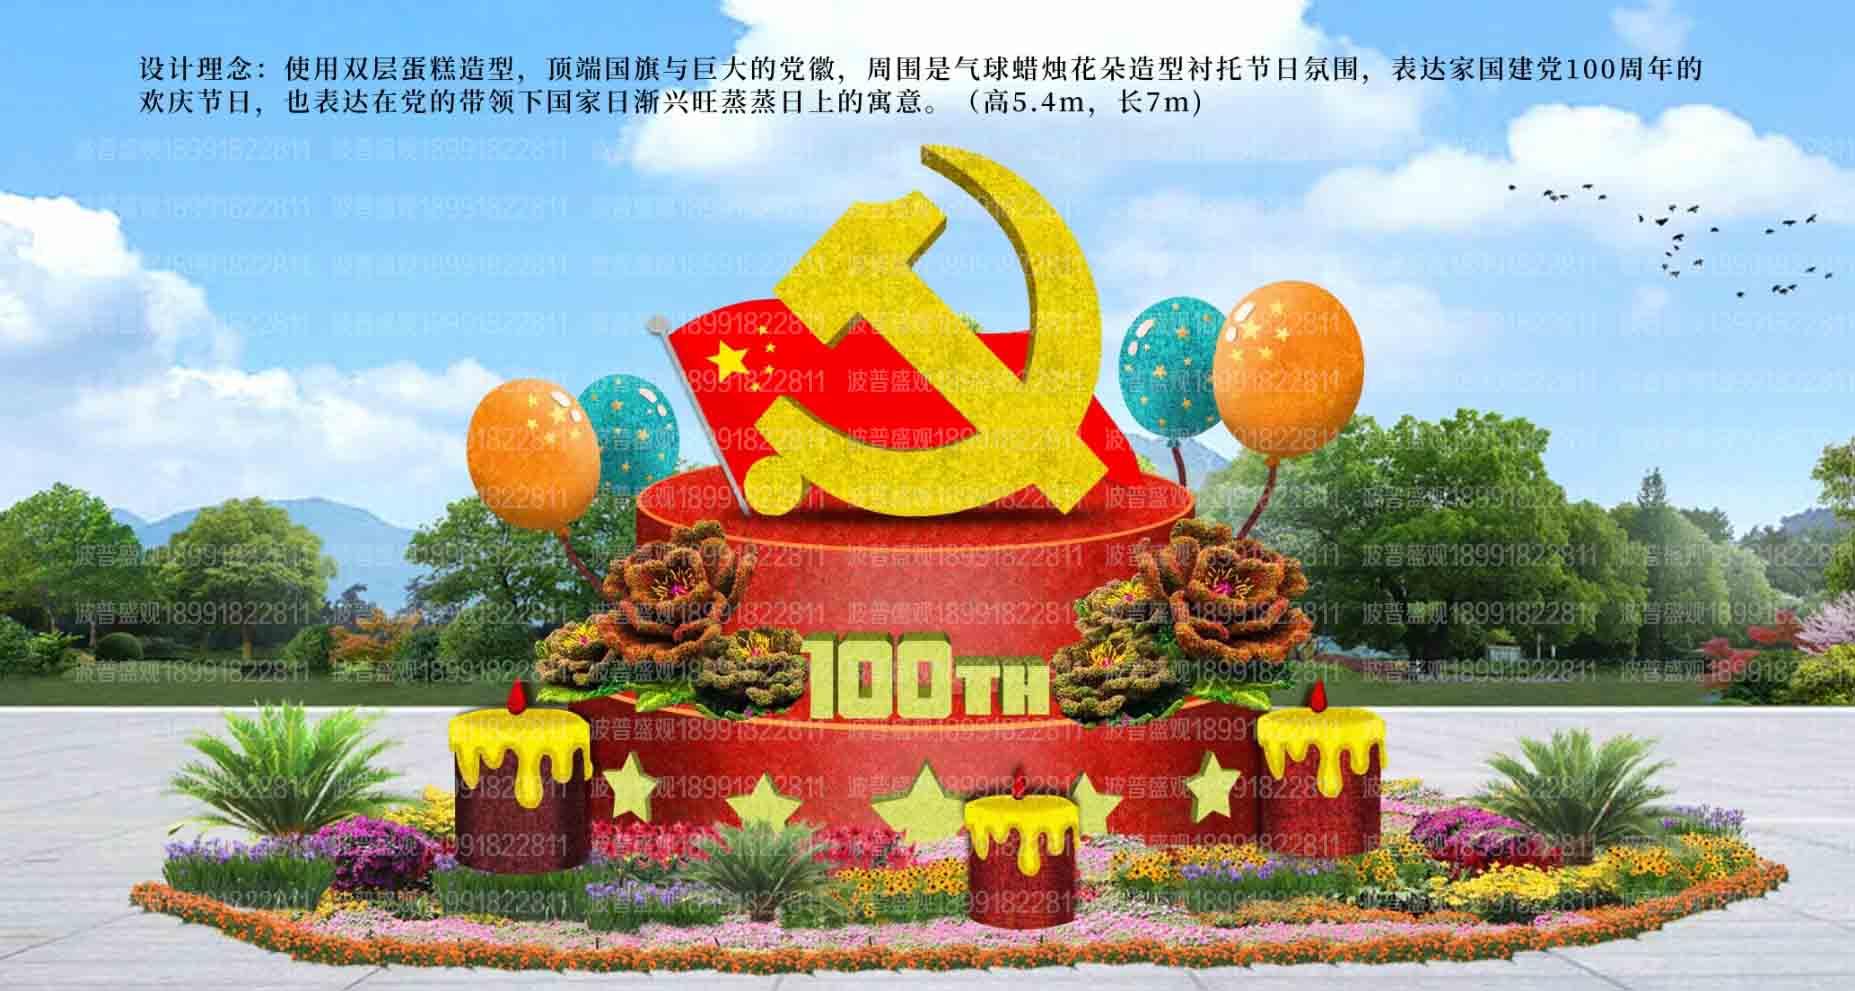 公园建党100周年植物雕塑